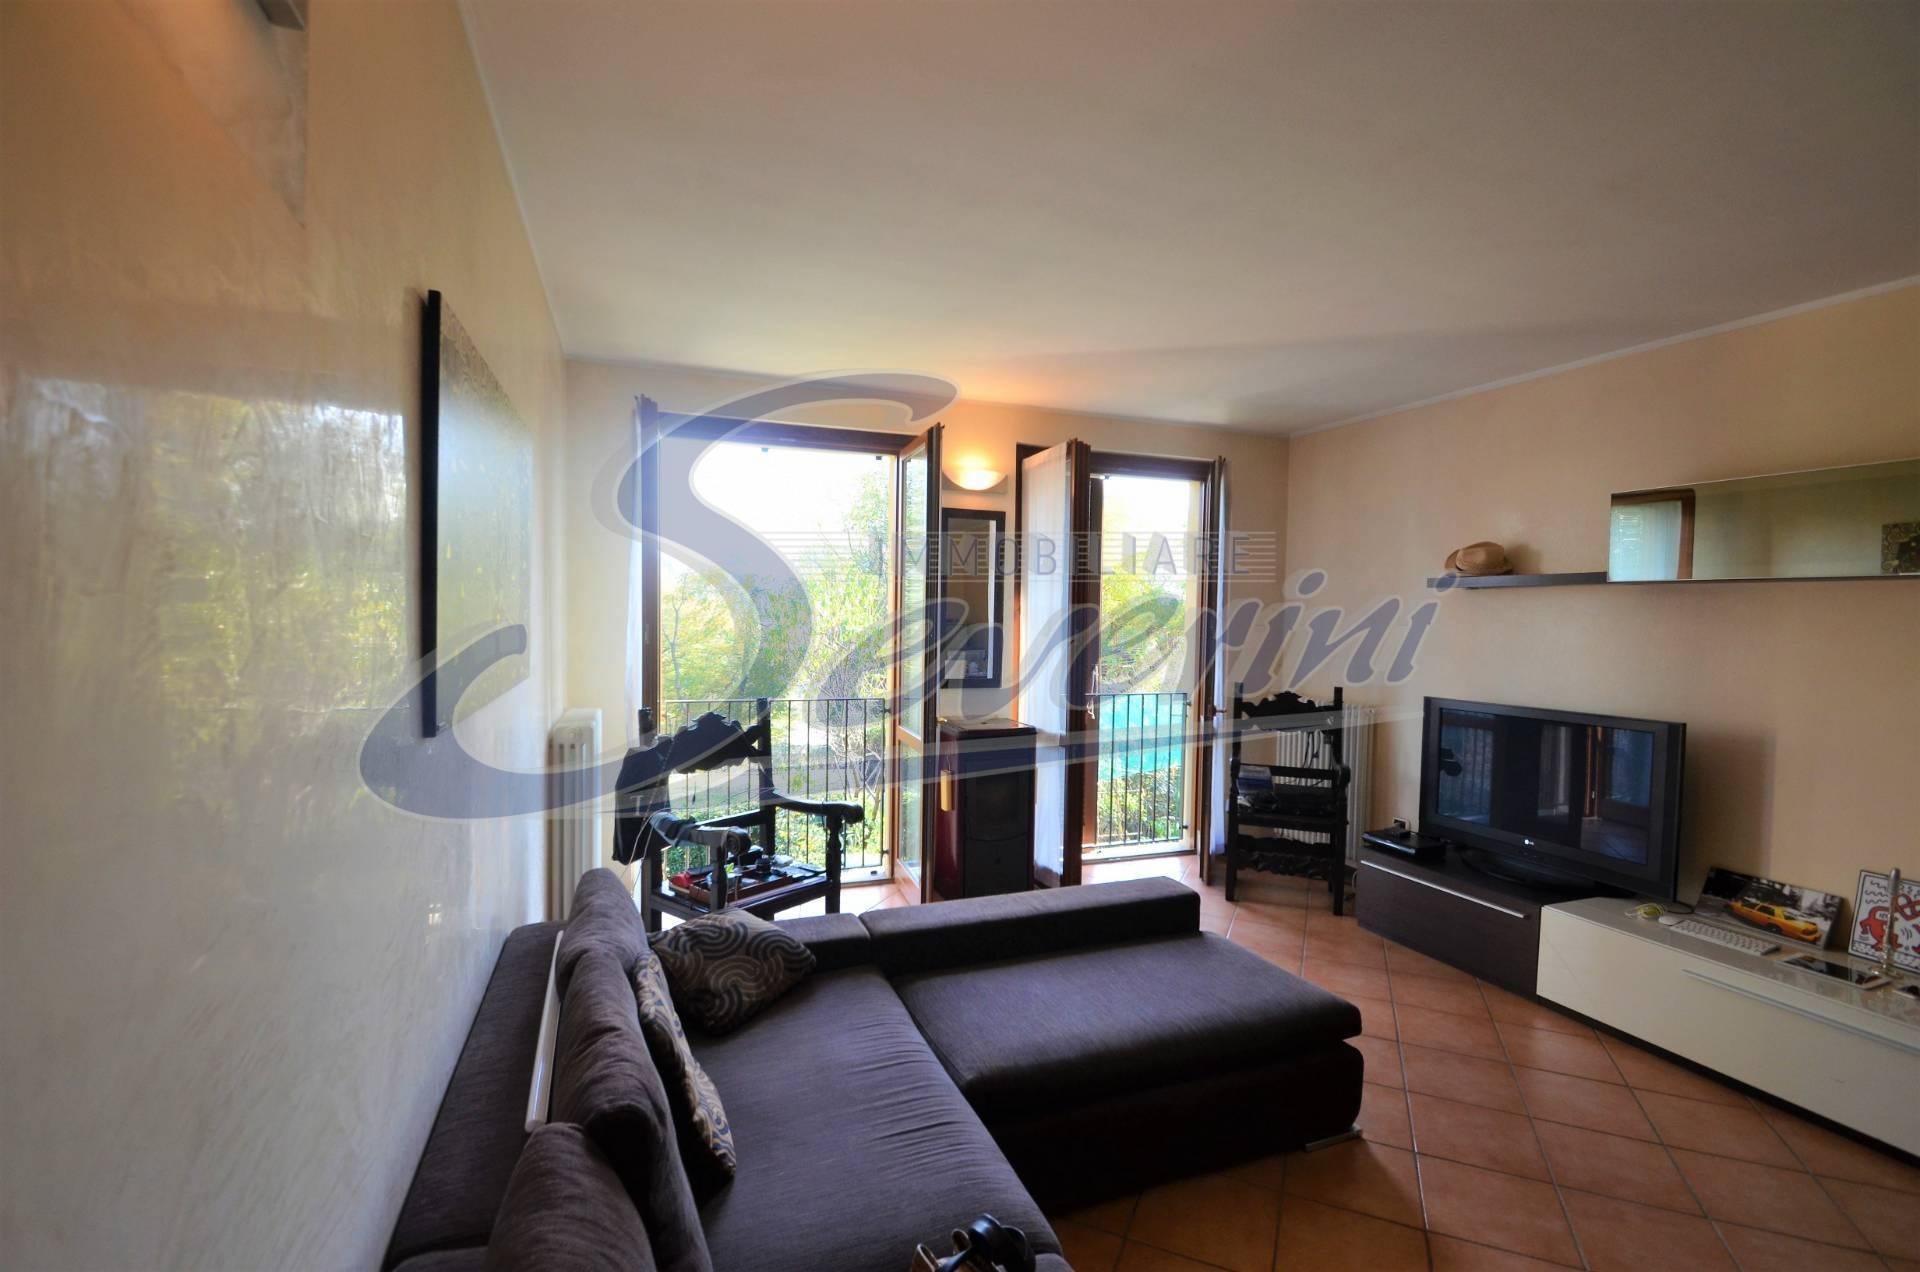 Appartamento in vendita a San Fermo della Battaglia, 2 locali, prezzo € 130.000 | PortaleAgenzieImmobiliari.it